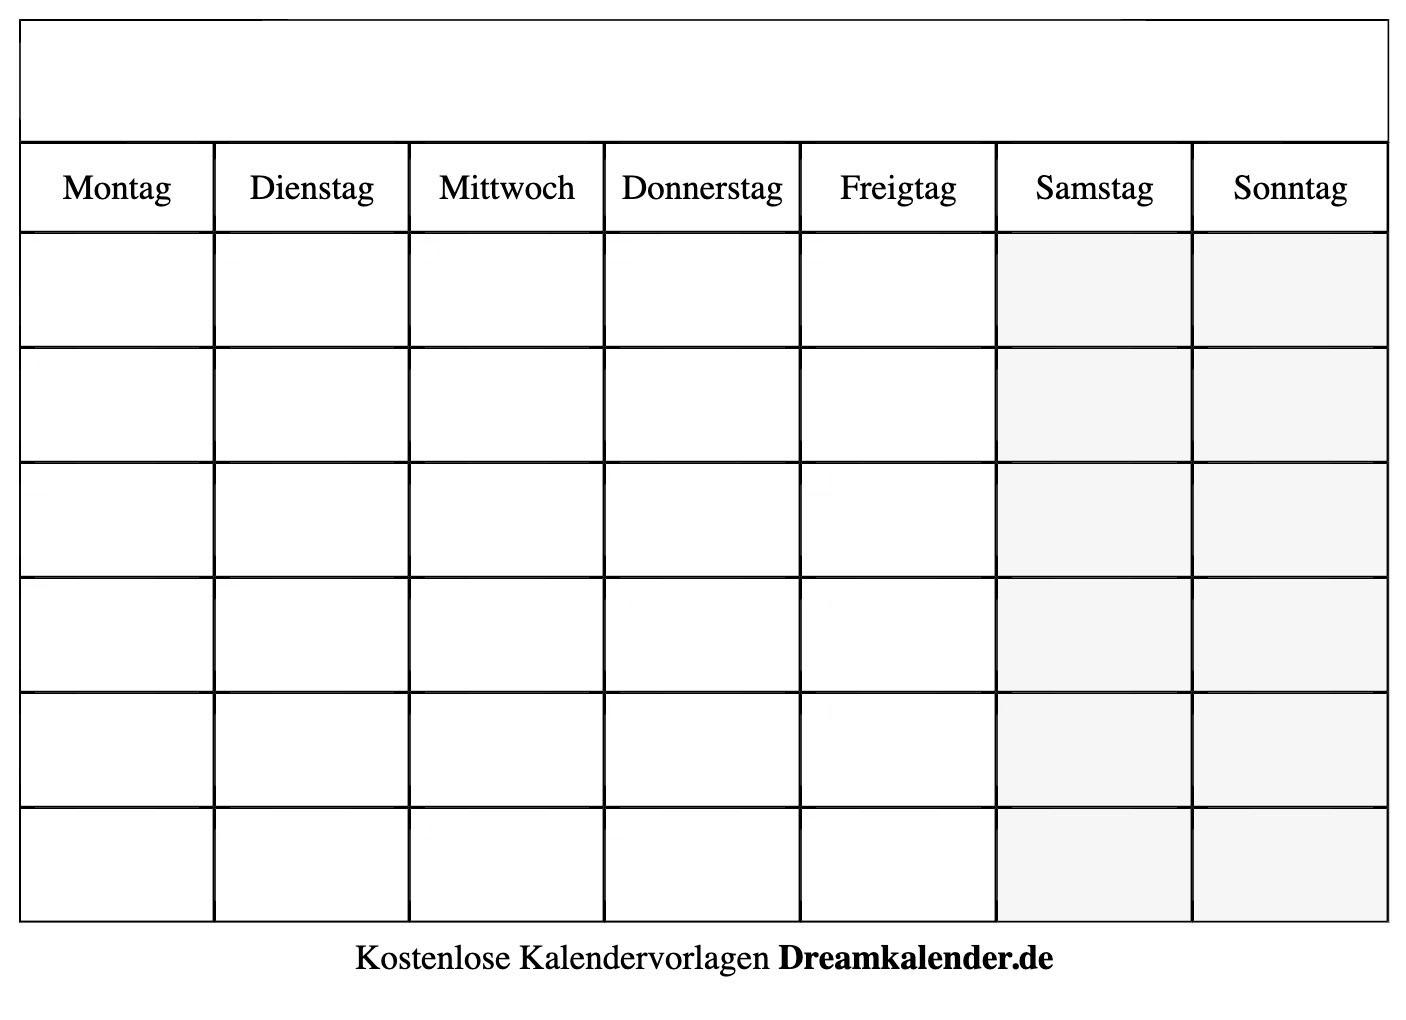 Druckbarer Leerer Kalender - Dream Kalender in Monatskalender Vorlage